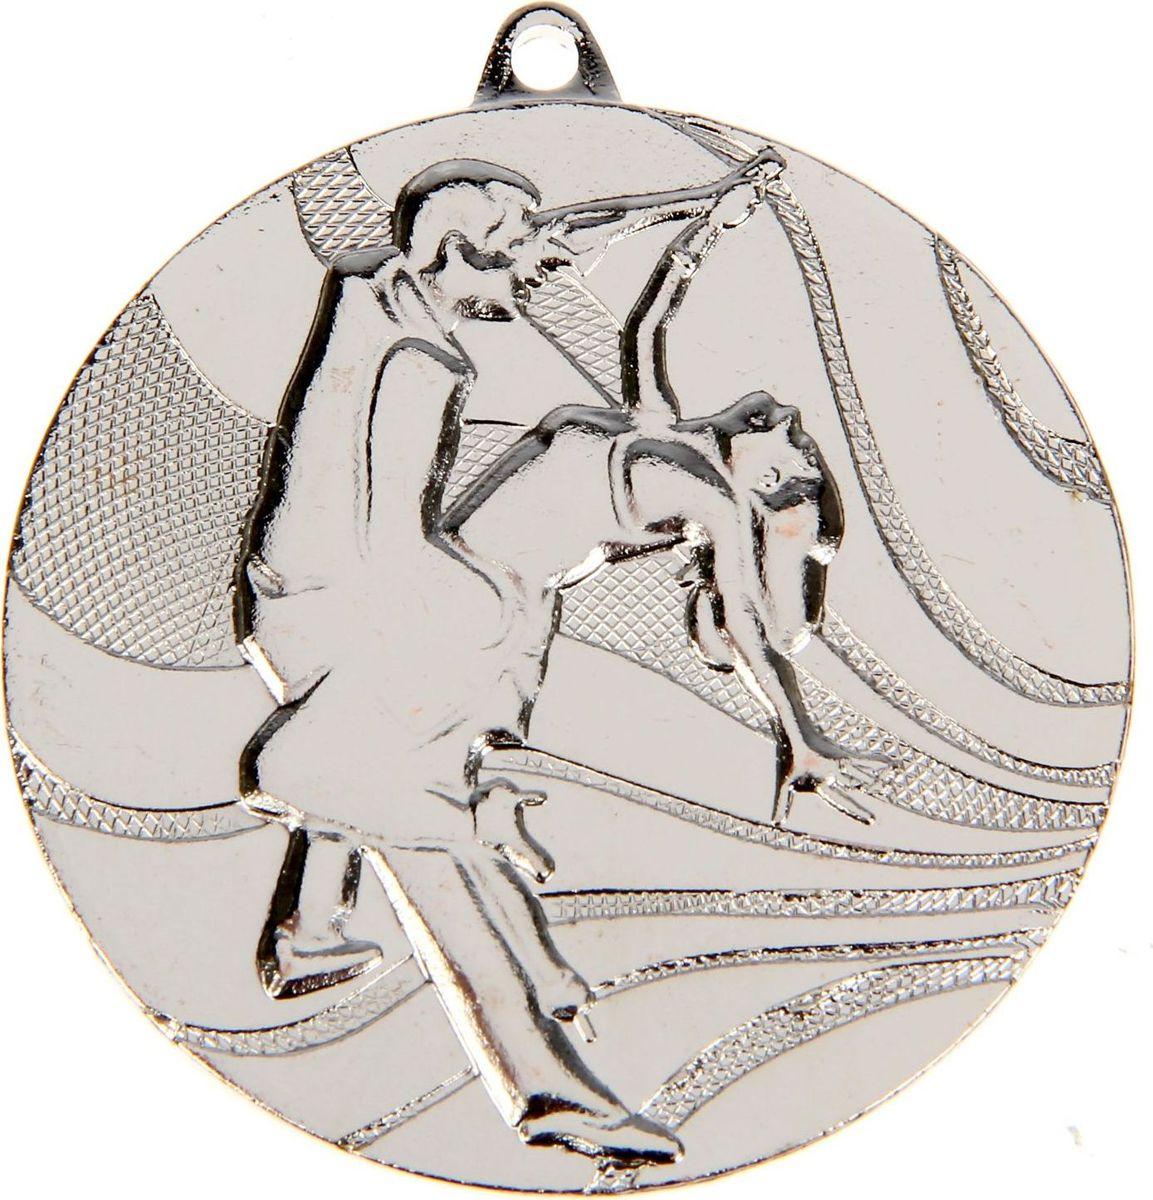 Медаль сувенирная Танцы, цвет: серебристый, диаметр 5 см. 0751253549Заслуженный приз! Долгие изнурительные тренировки, напряжение перед соревнованием… Наконец ты вышел и показал всё, на что способен. И вот она — победа! — награда для настоящего чемпиона. Пусть каждый видит, кому именно сегодня покорился пьедестал. Блестящая награда на груди станет лучшим ответом скептикам и всегда будет напоминать, что упорный труд непременно вознаграждается. Наступит завтрашний день, и своё лидерство нужно будет доказывать заново. Ну а пока победитель сможет наслаждаться триумфом, глядя на эту медаль.Характеристики: Диаметр медали: 5 см Диаметр вкладыша (оборот): 4,5 см. Сверху расположено отверстие для крепления ленты.